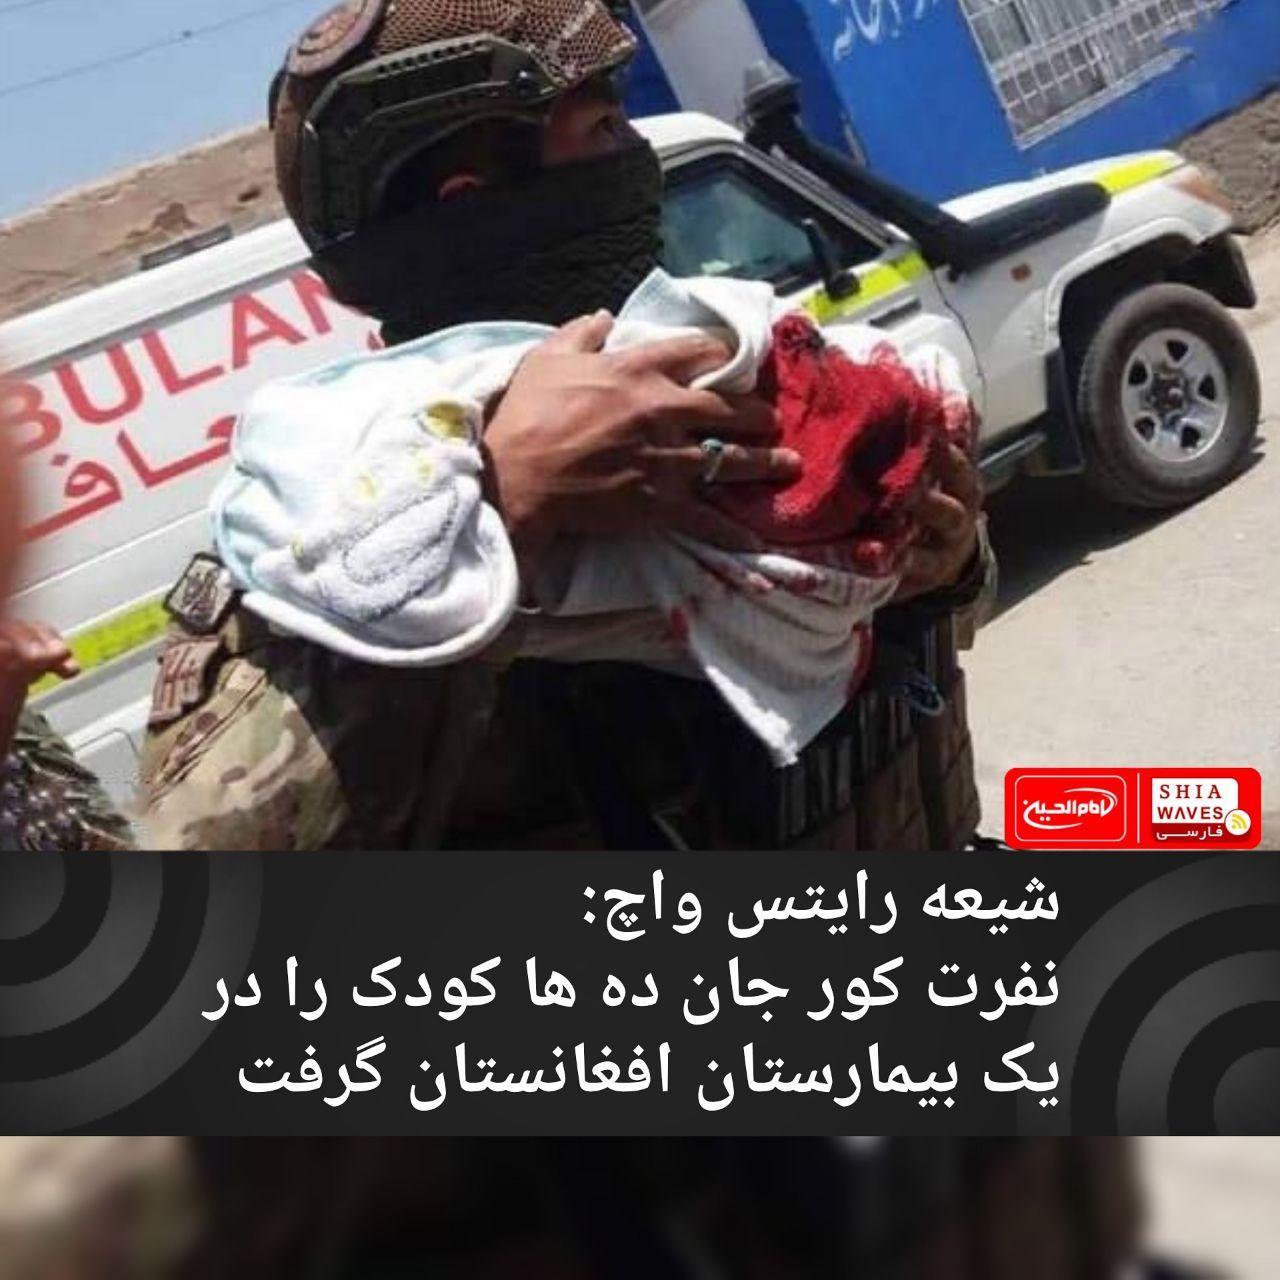 تصویر شیعه رایتس واچ: نفرت کور جان ده ها کودک را در یک بیمارستان افغانستان گرفت